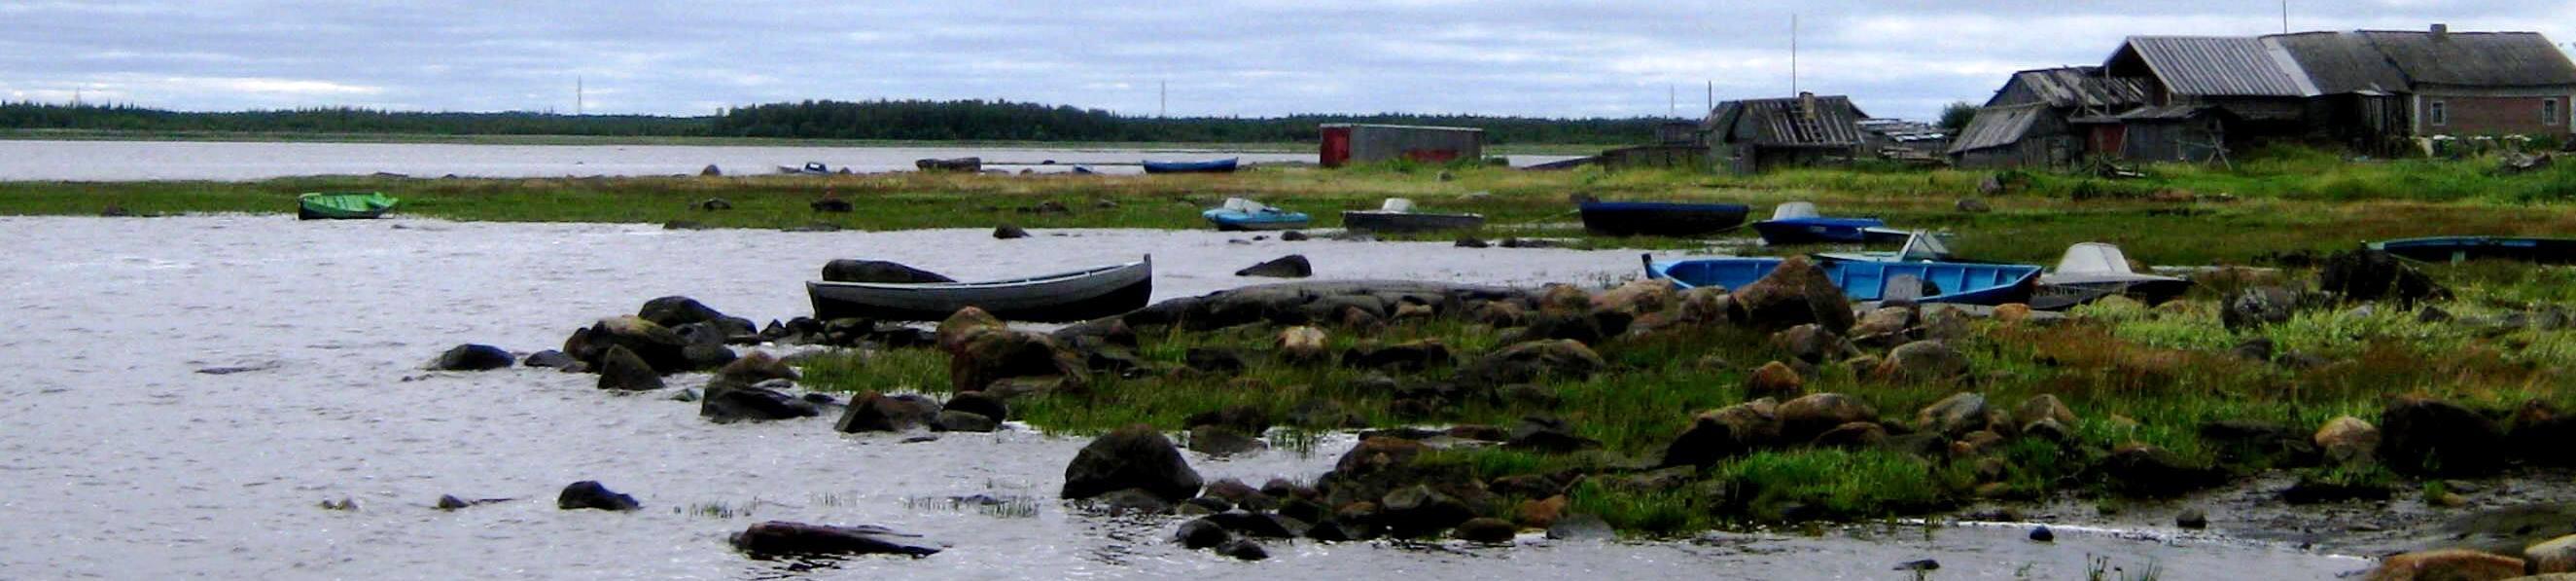 Сухое. Фото С. Кошкиной, 10 августа 2012 г.